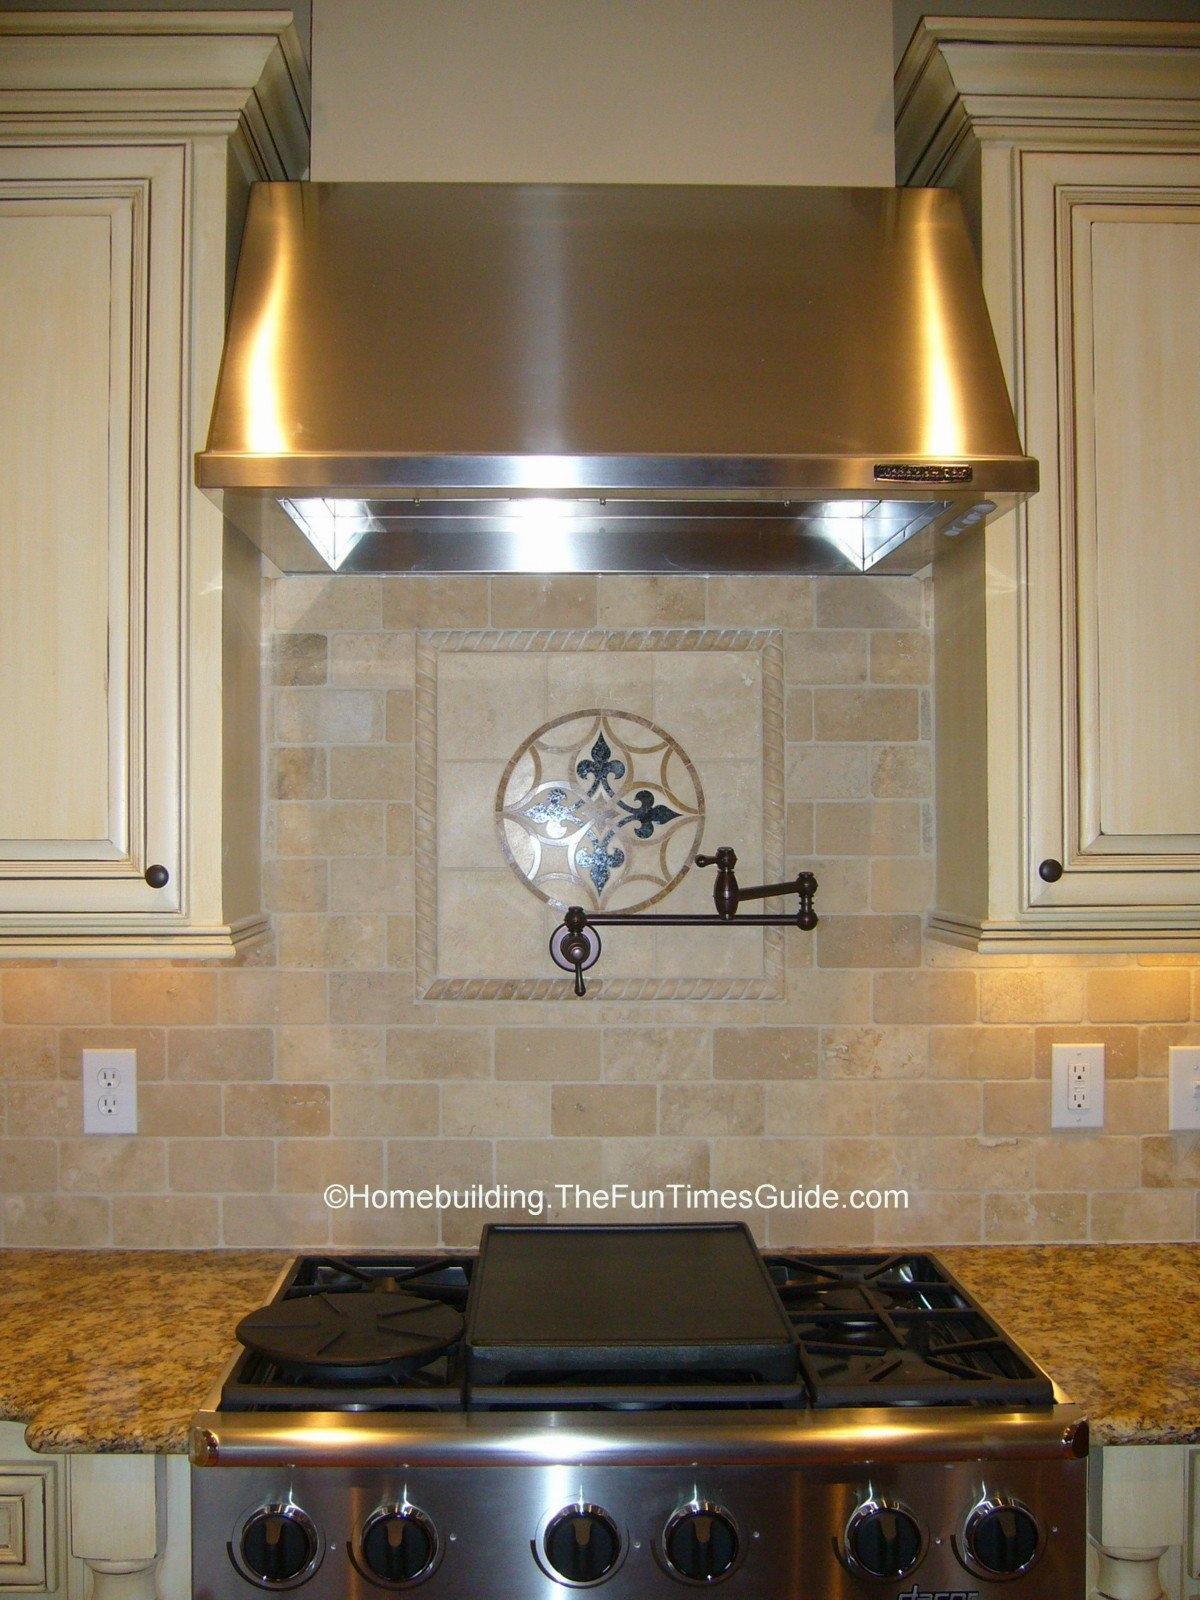 pot filler faucet height pot filler faucet height kitchen pot filler faucet pot filler height pot faucet 1200 x 1600